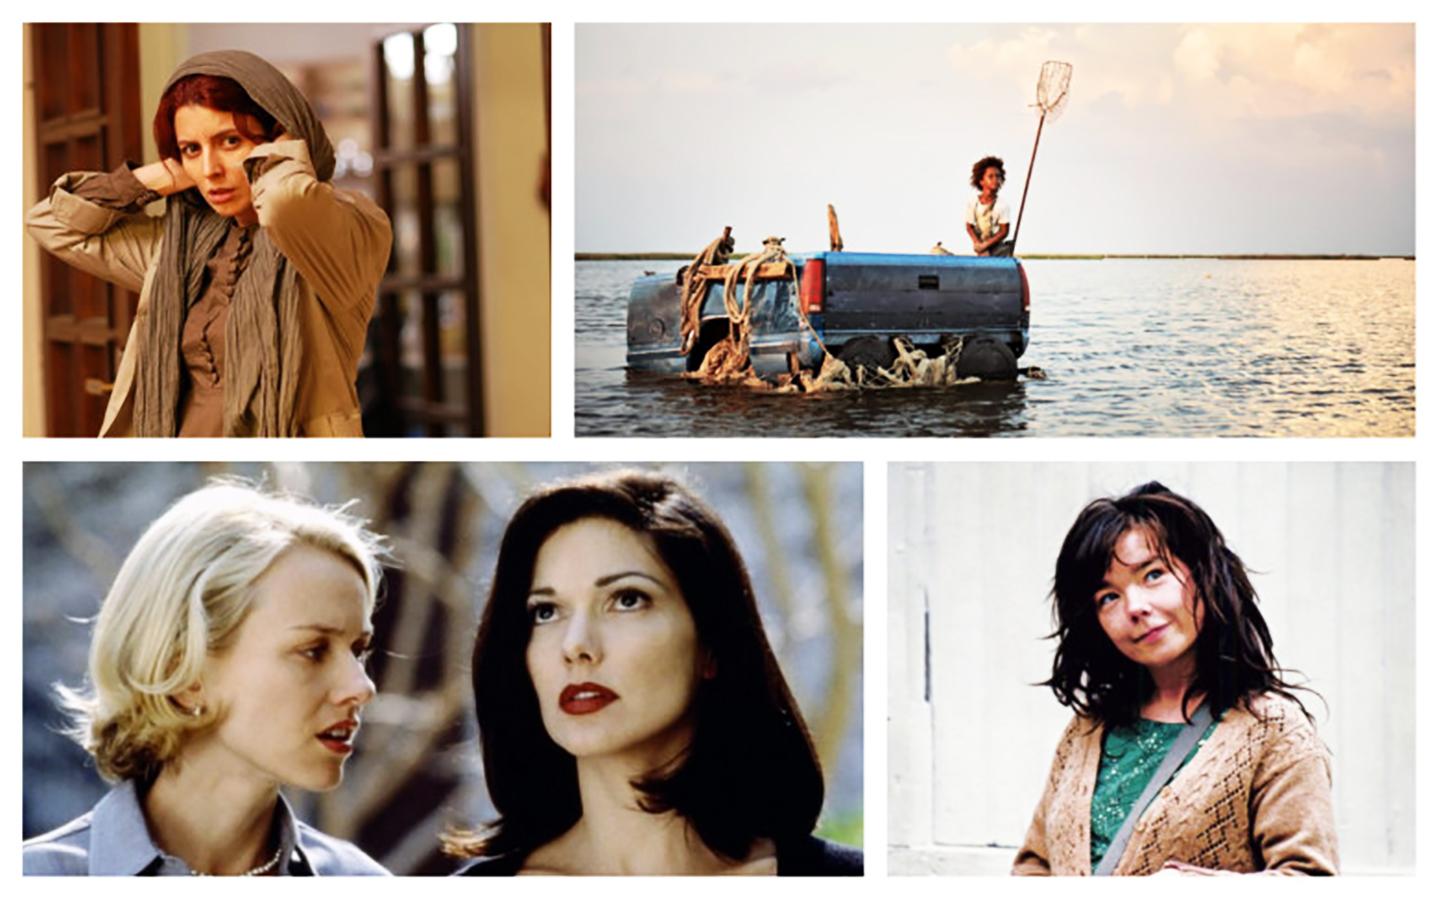 13 نقشآفرینی برتر از بازیگران زن در قرن 21